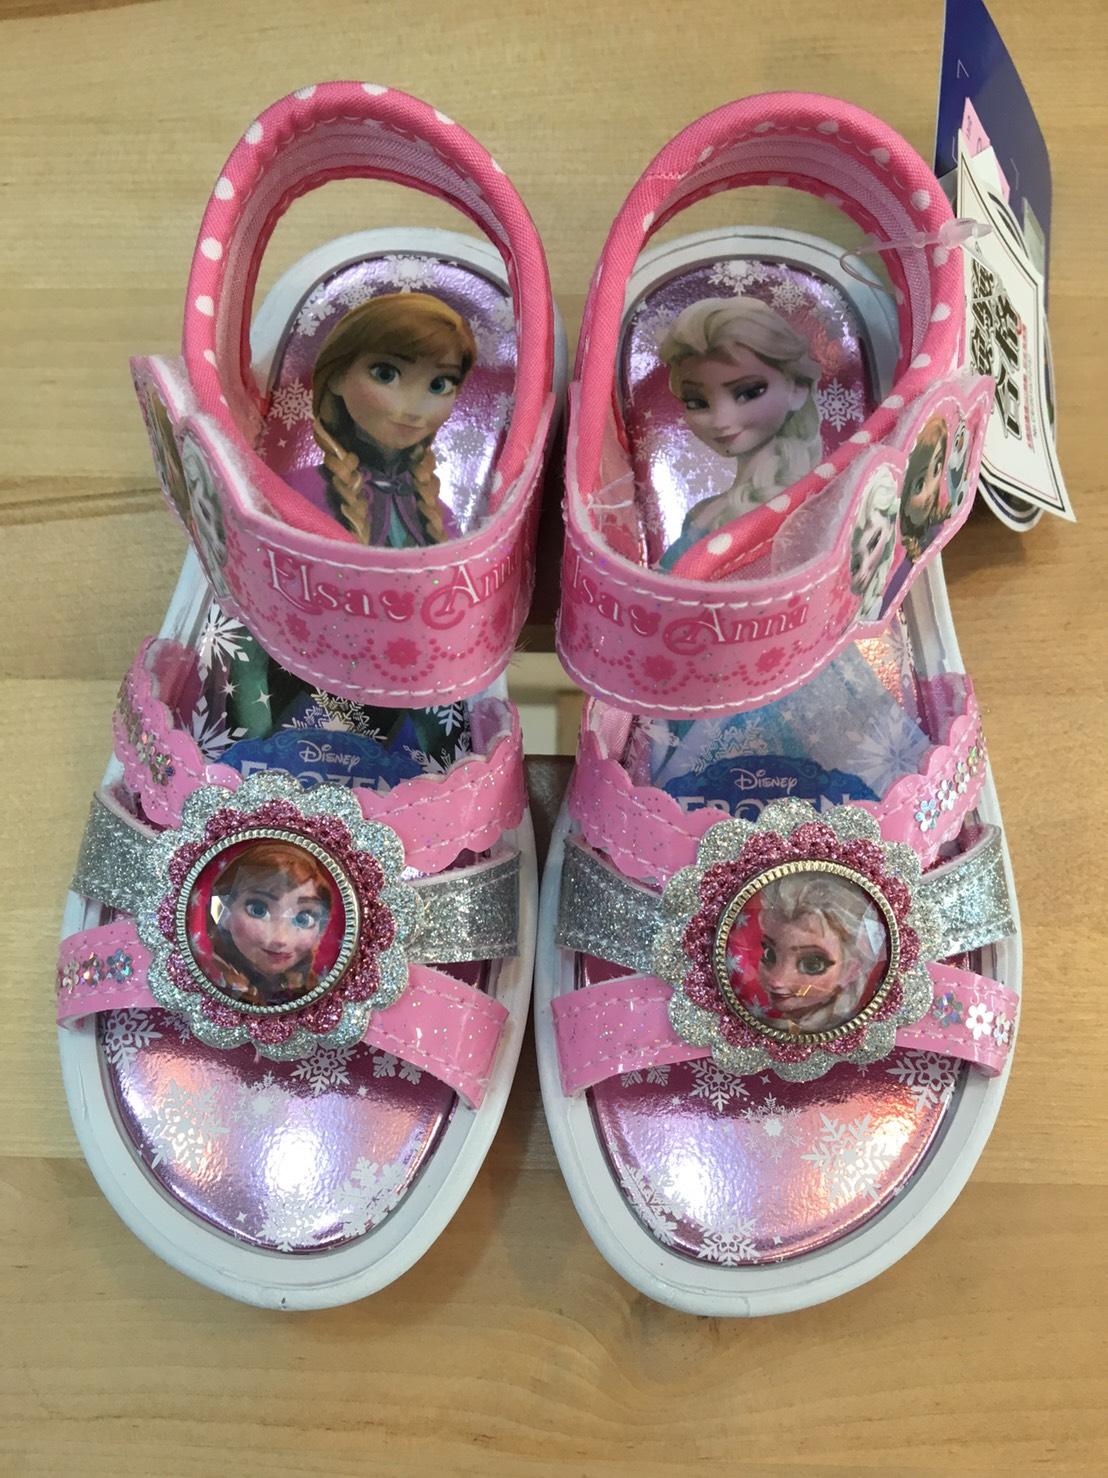 夏季出清【禾宜精品】正版 冰雪奇緣 水鑽 亮粉紅 涼鞋 童鞋 16,17,19 台灣製造 SGS檢驗合格 童鞋